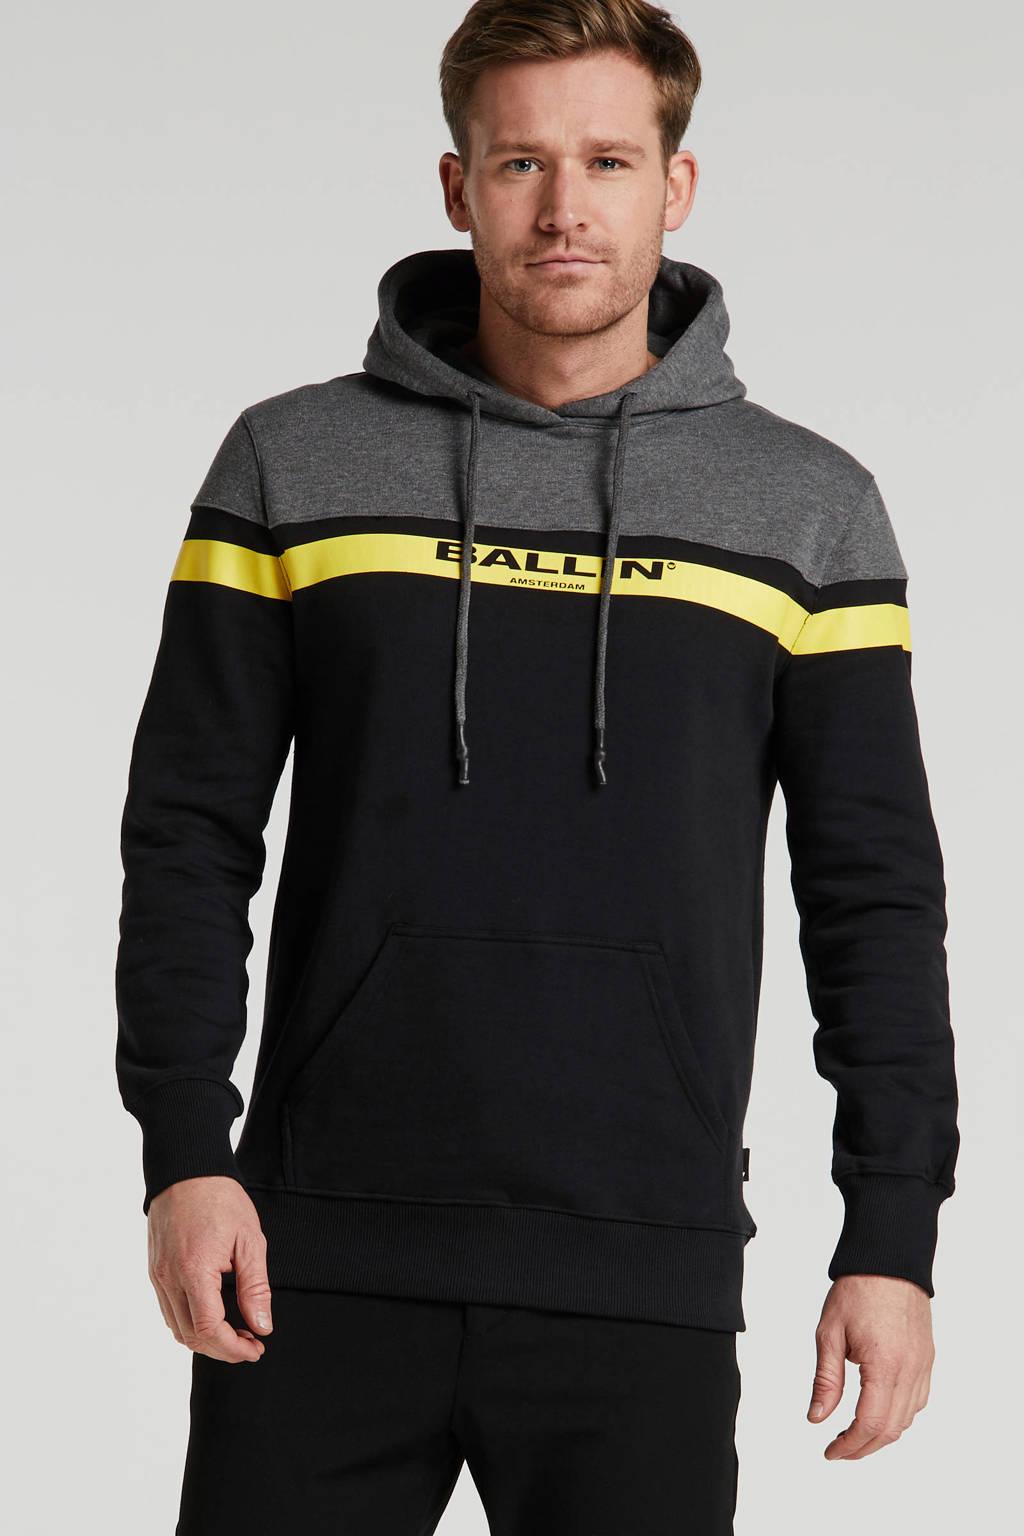 Ballin by Purewhite hoodie zwart/grijs/geel, Zwart/grijs/geel